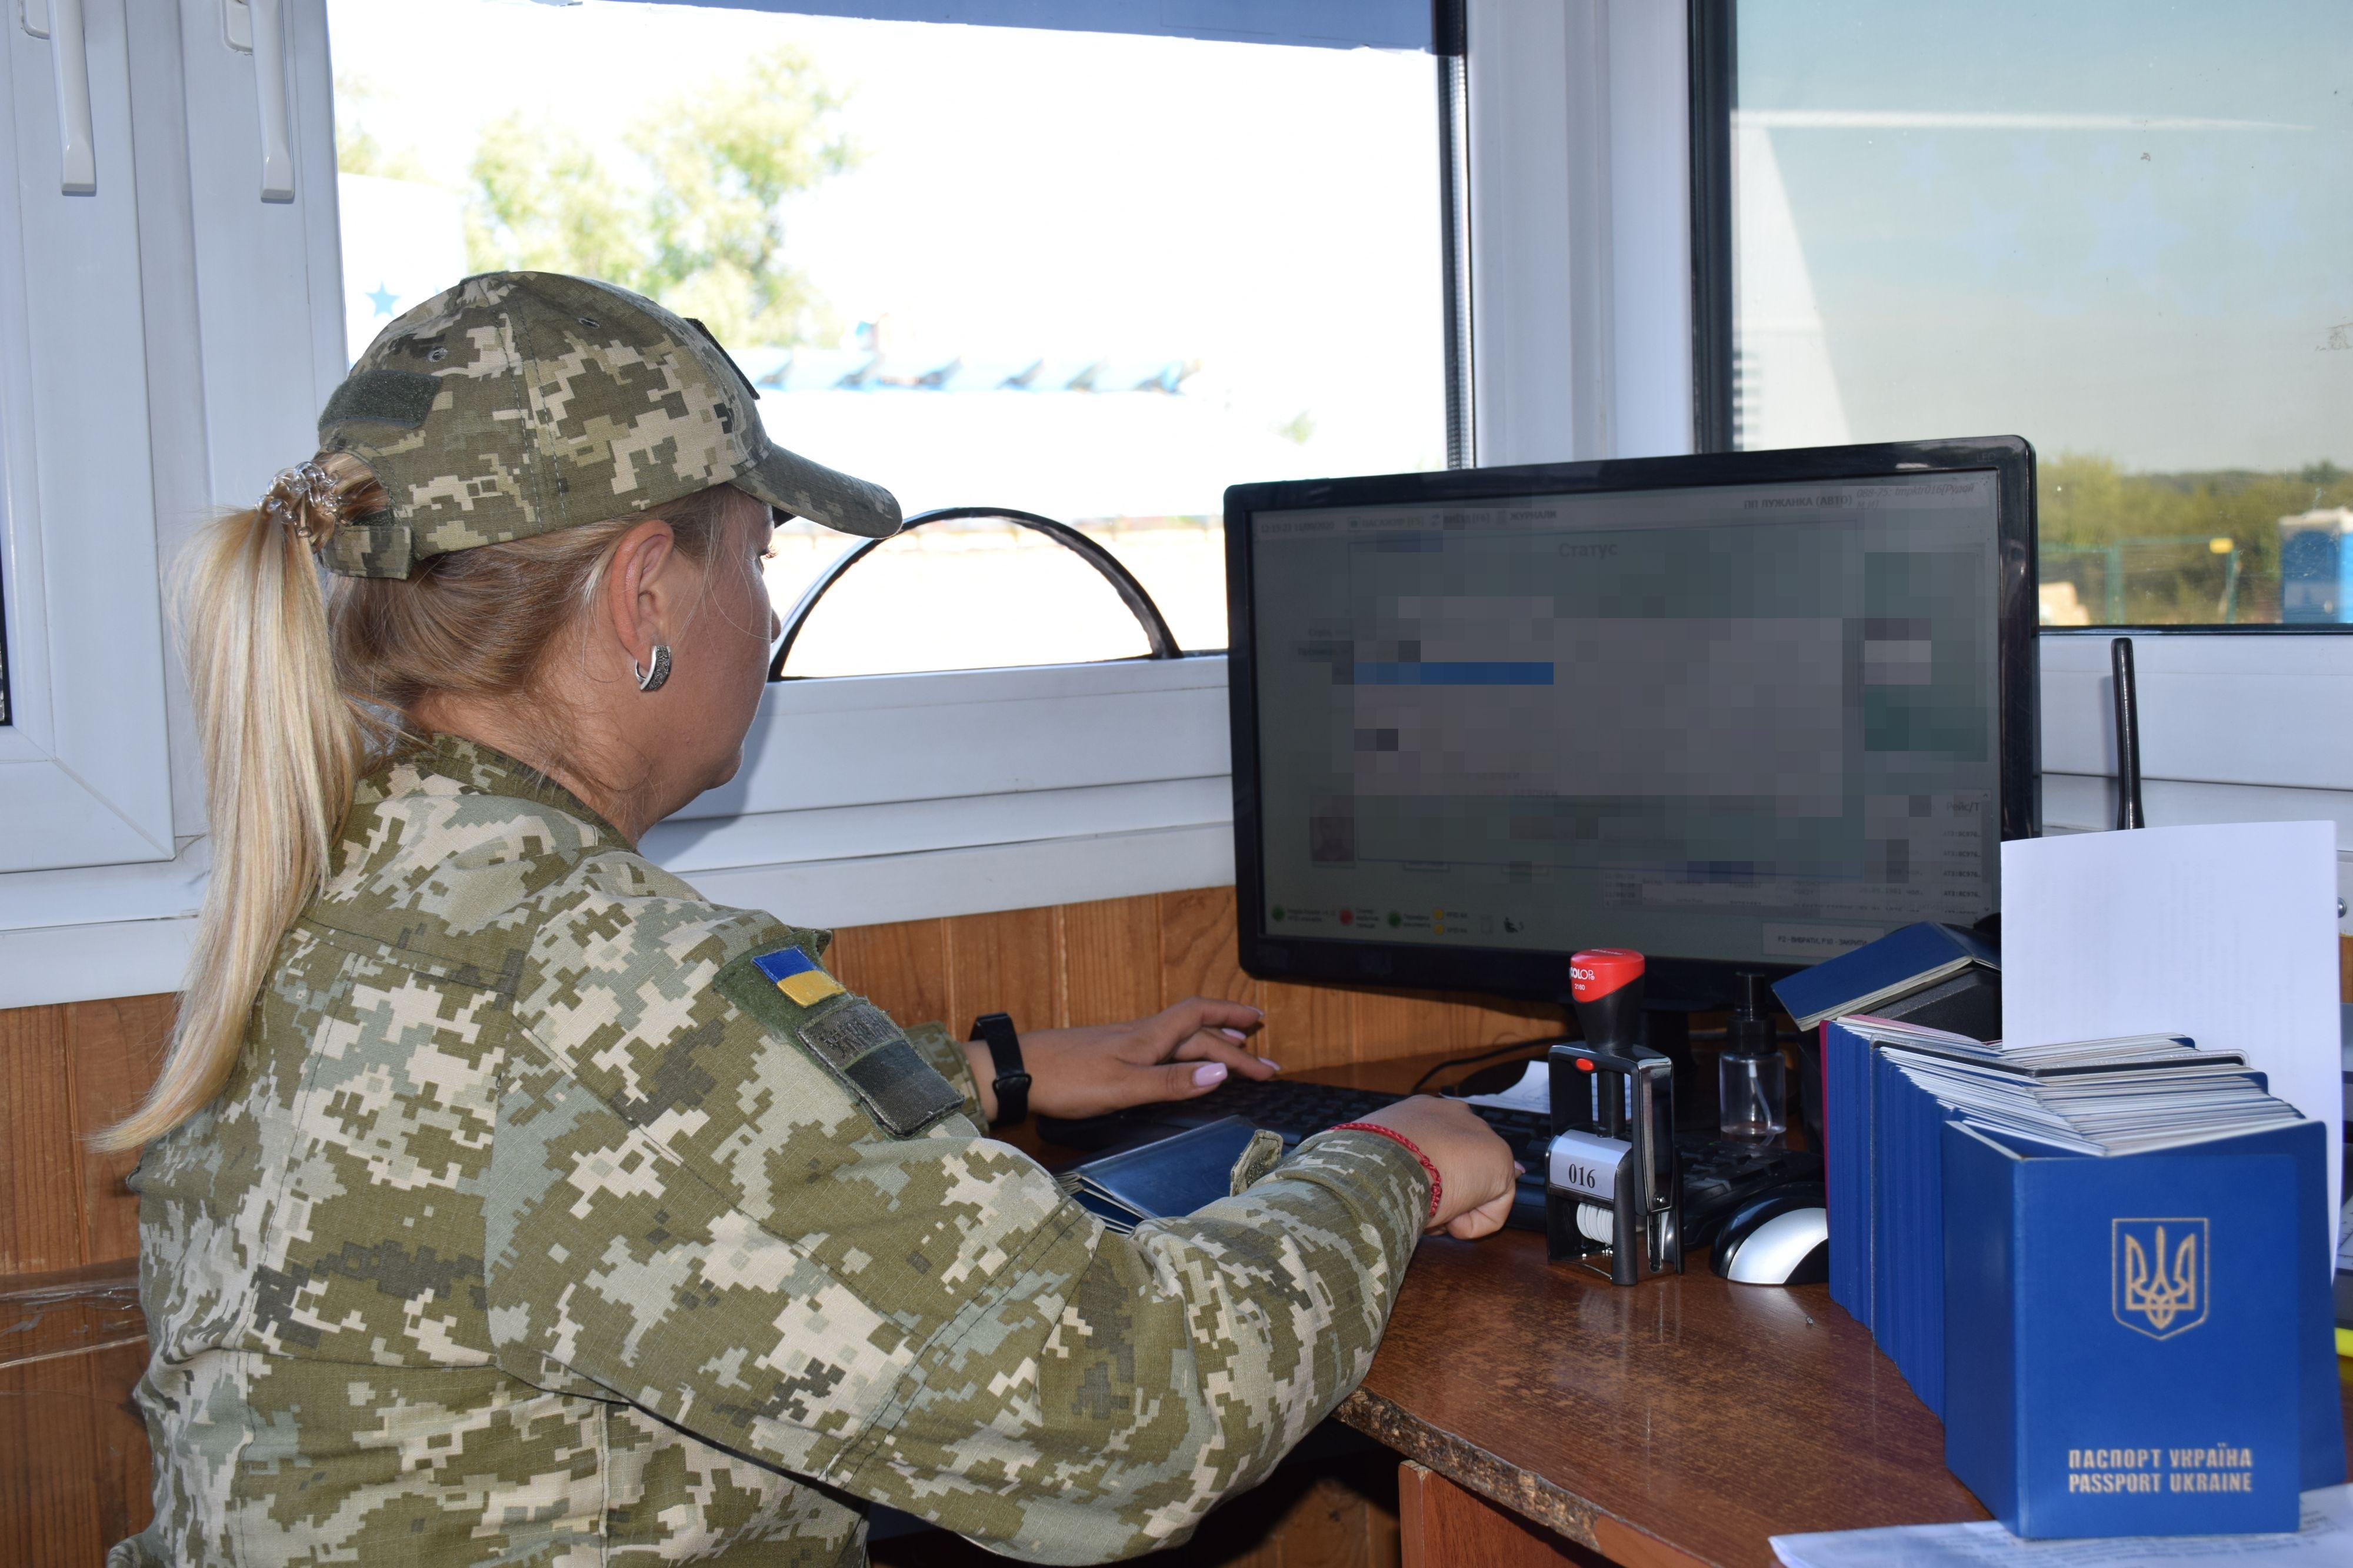 Учора в пункті пропуску «Лужанка» прикордонники Мукачівського загону виявили жінку, яка при перетині кордону надала для перевірки чужий паспорт.